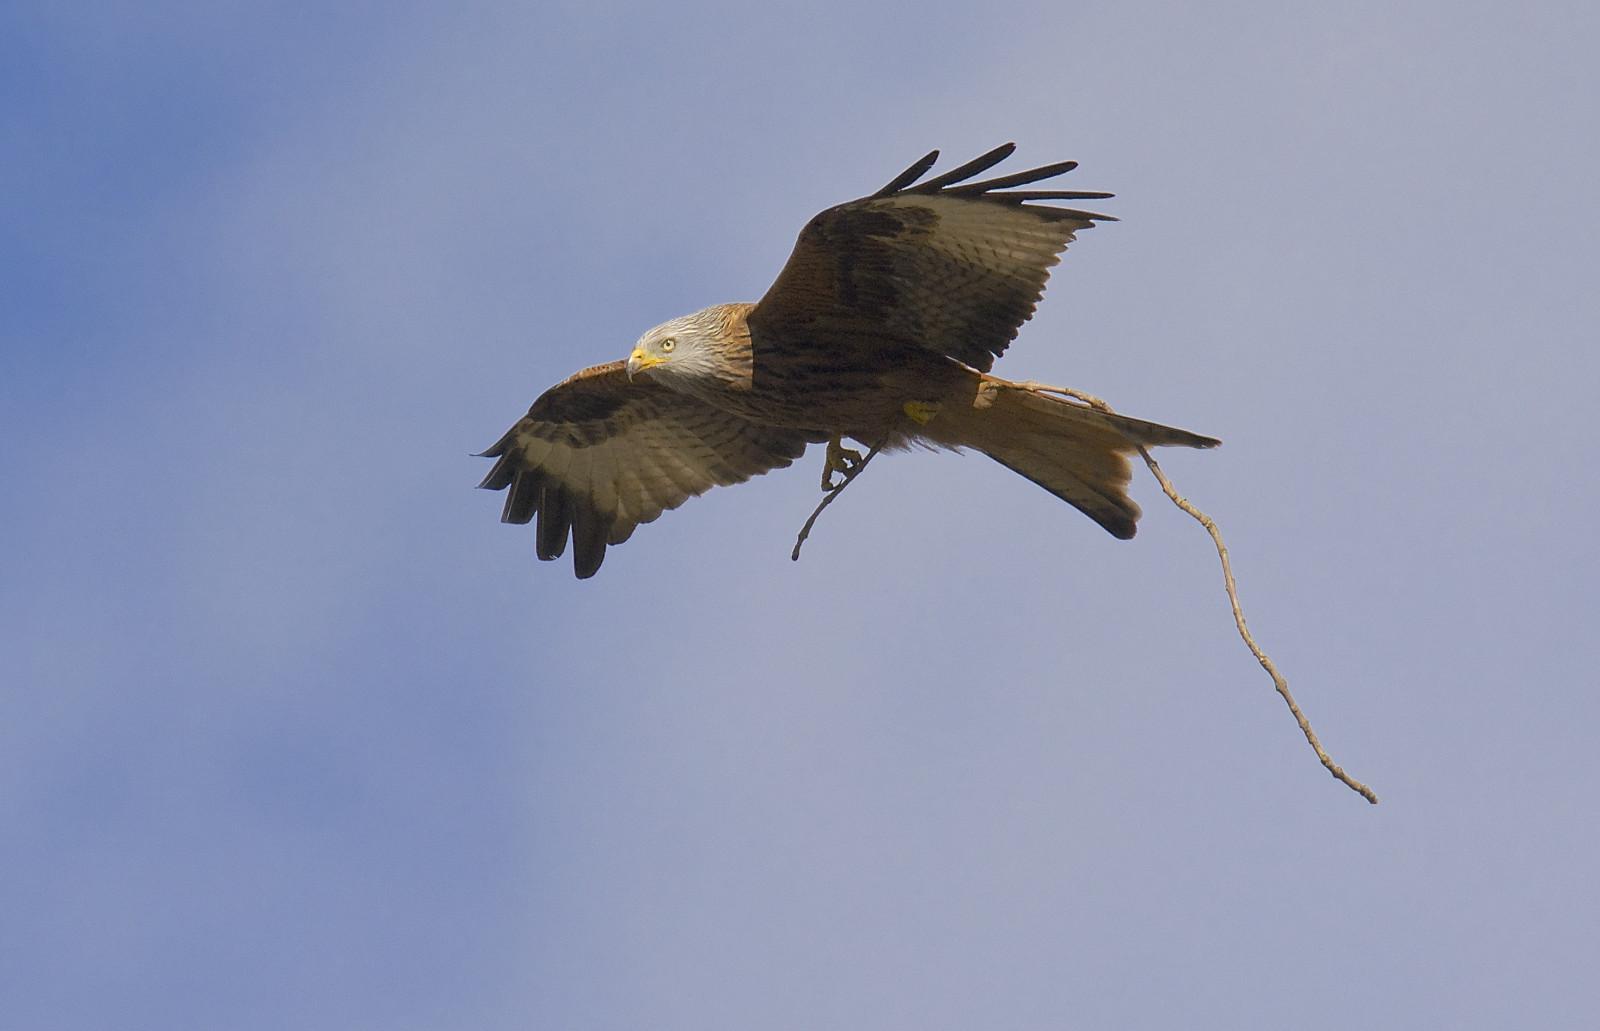 Sfondi birdsofprey uccelli uccello rapaci redkite - Primavera uccelli primavera colorazione pagine ...